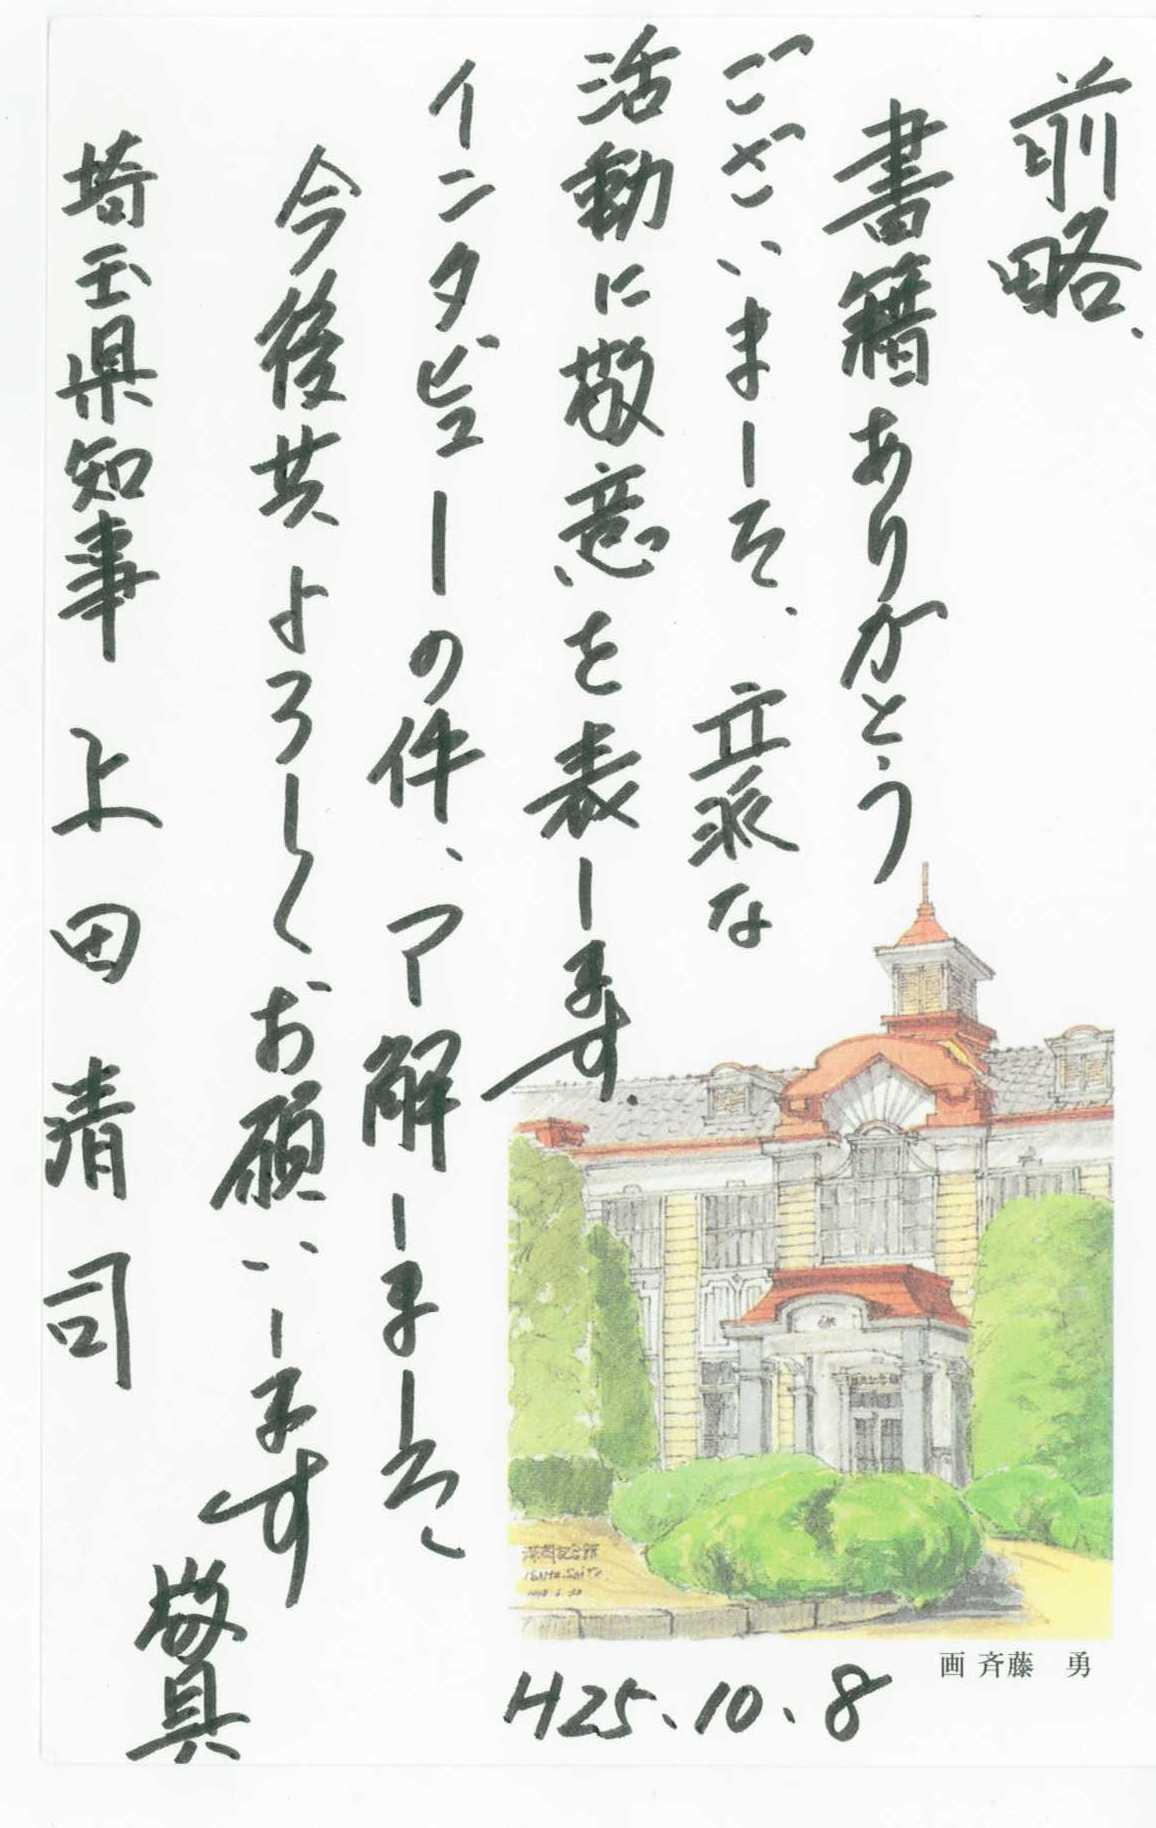 『日本語と中国語の妖しい関係』 埼玉県知事のブログで紹介_d0027795_1875021.jpg